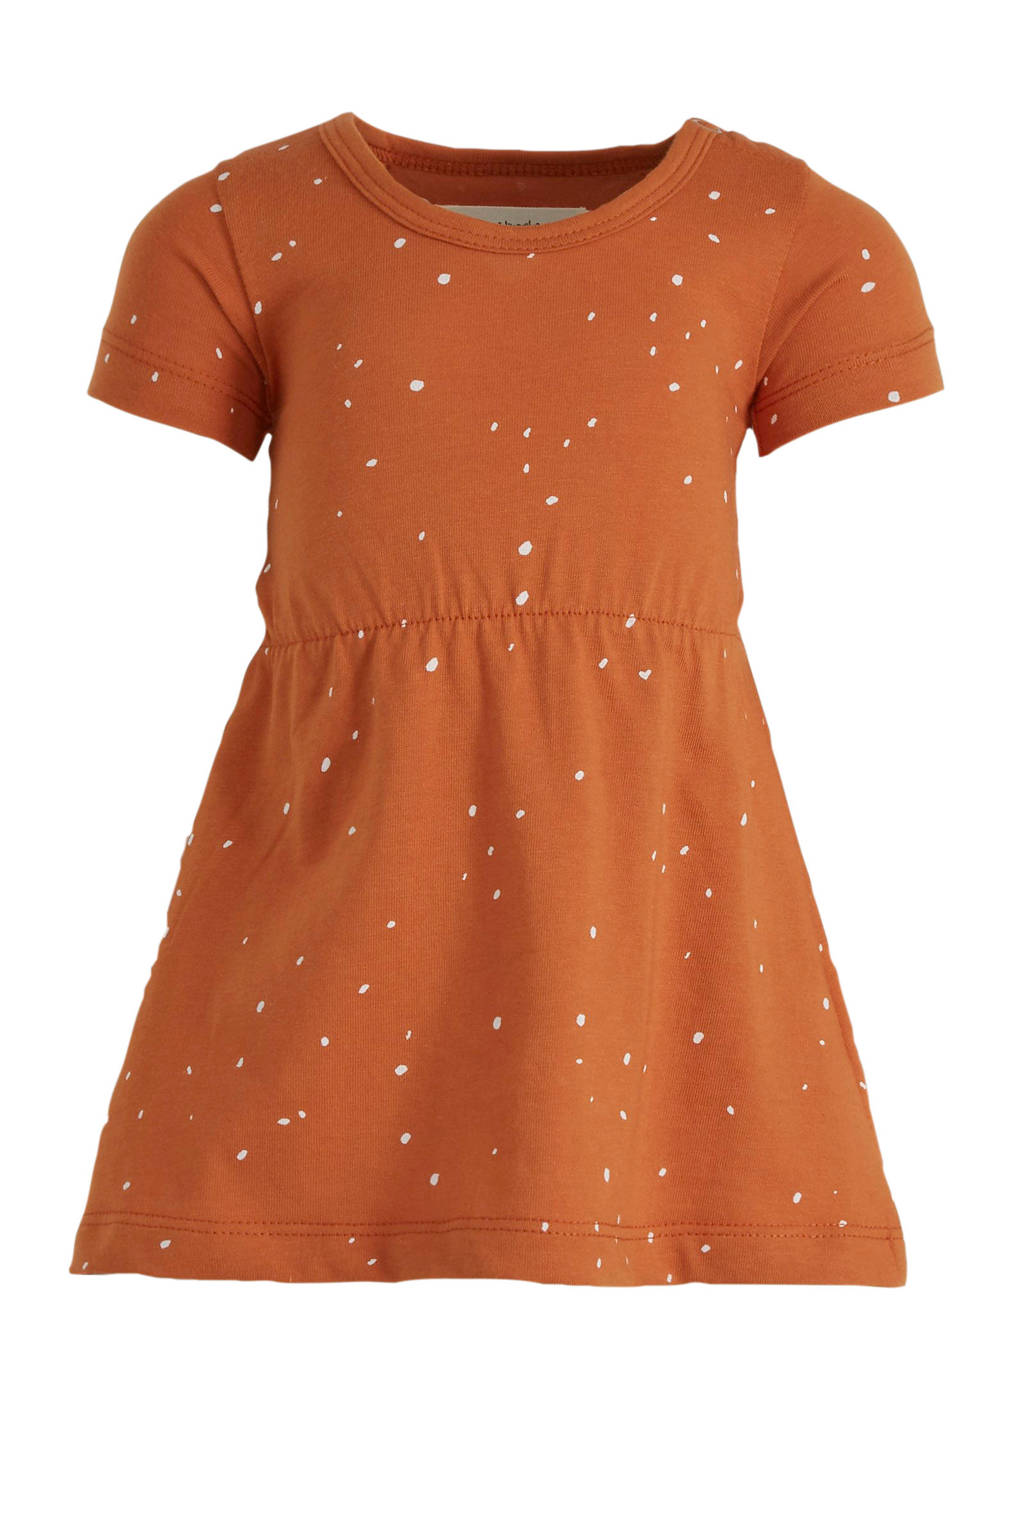 Little Indians T-shirtjurk Dots met all over print bruin, Bruin